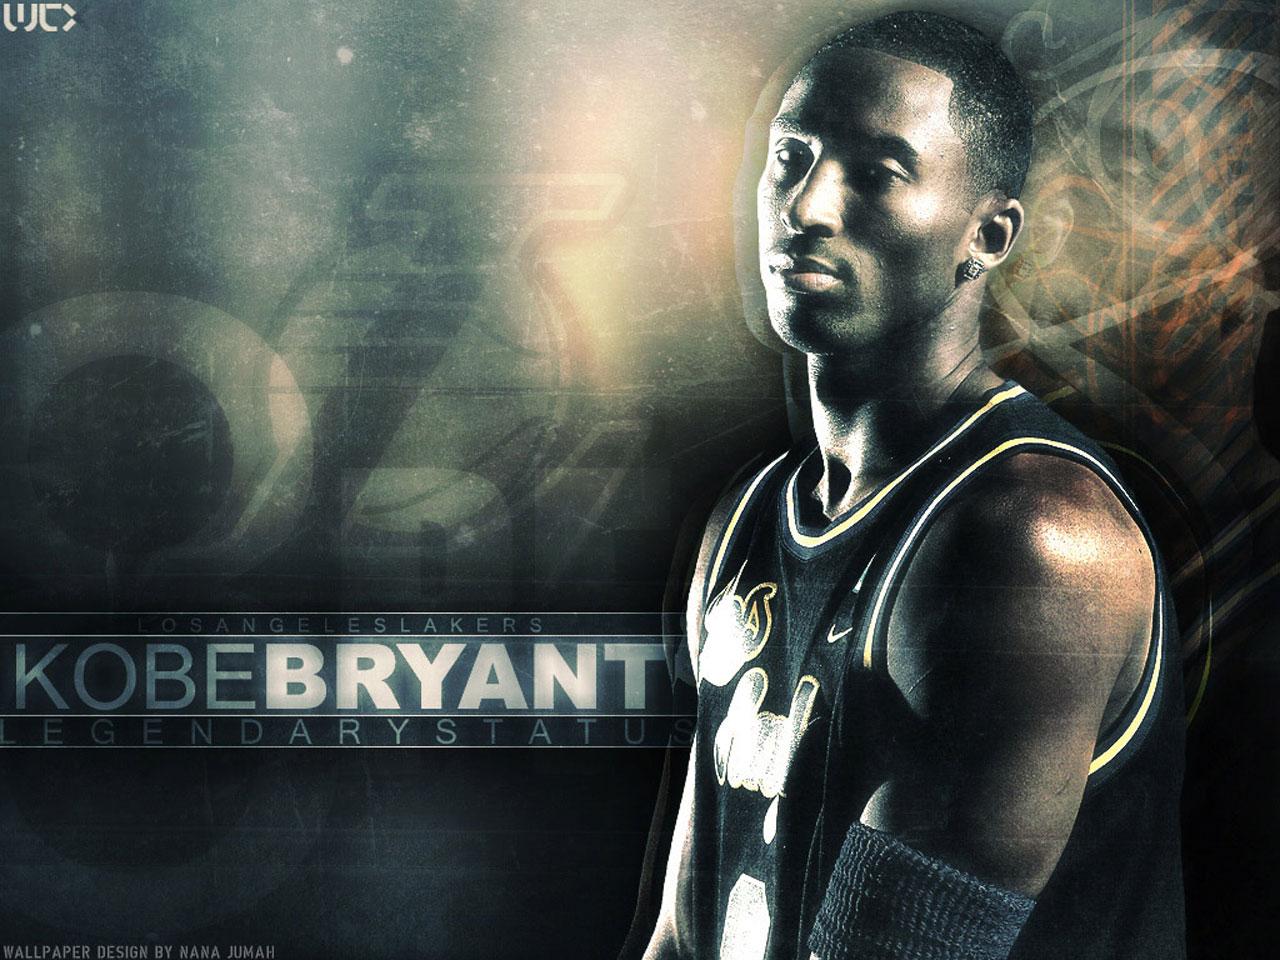 Kobe-Bryant-Wallpaper-002.jpg